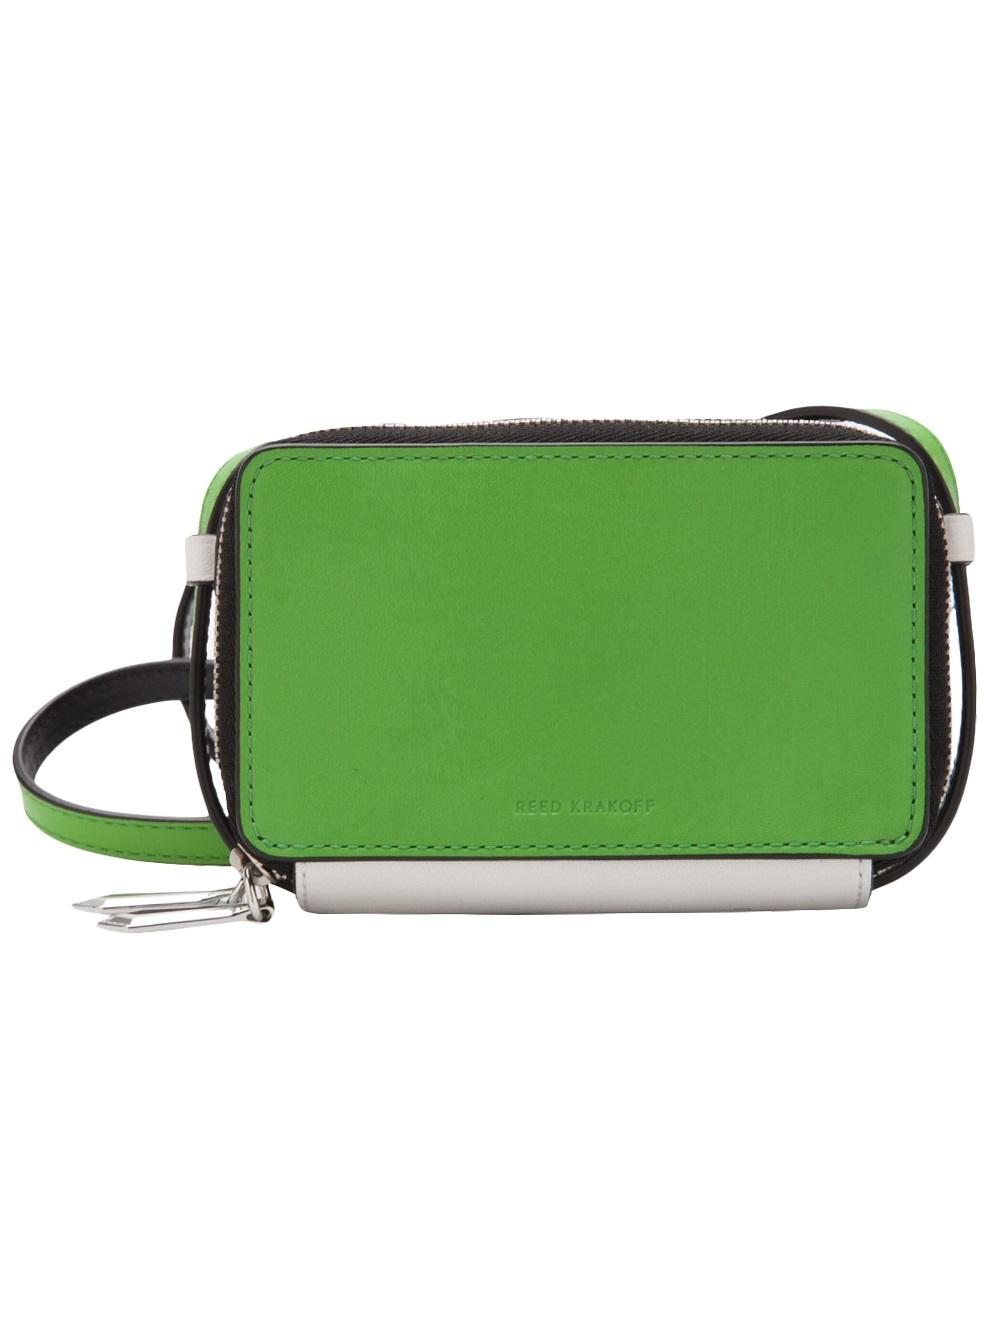 8007bdd809 Lyst - Reed Krakoff Double Zip Crossbody Bag in Green